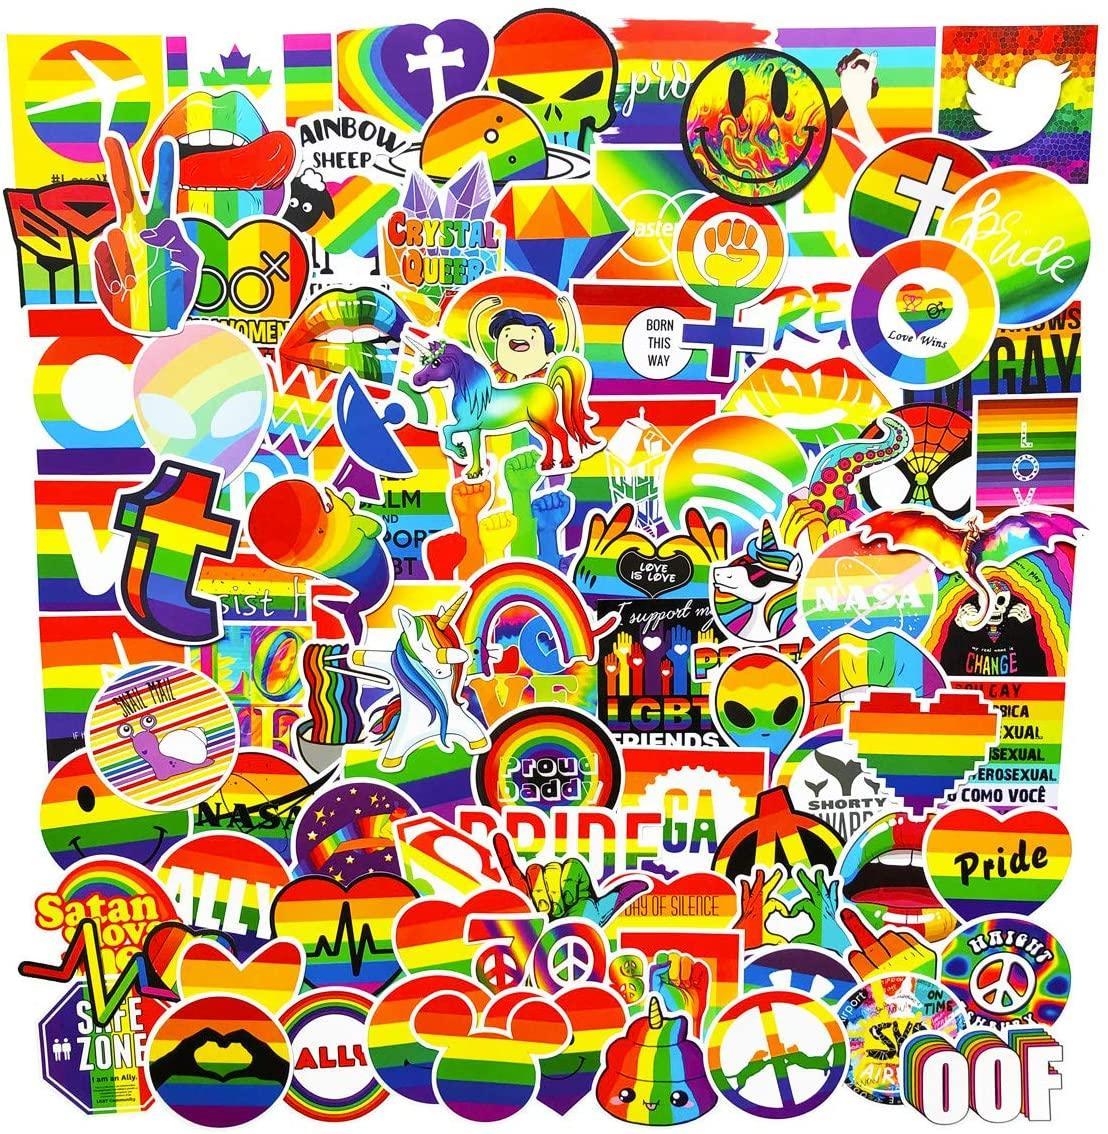 100pcs التي قوس قزح اللون المثليين المثليين VSCO ملصقات حزمة السيارات دراجة الأمتعة ملصق محمول سكيت موتور المياه الوفير زجاجة مائي